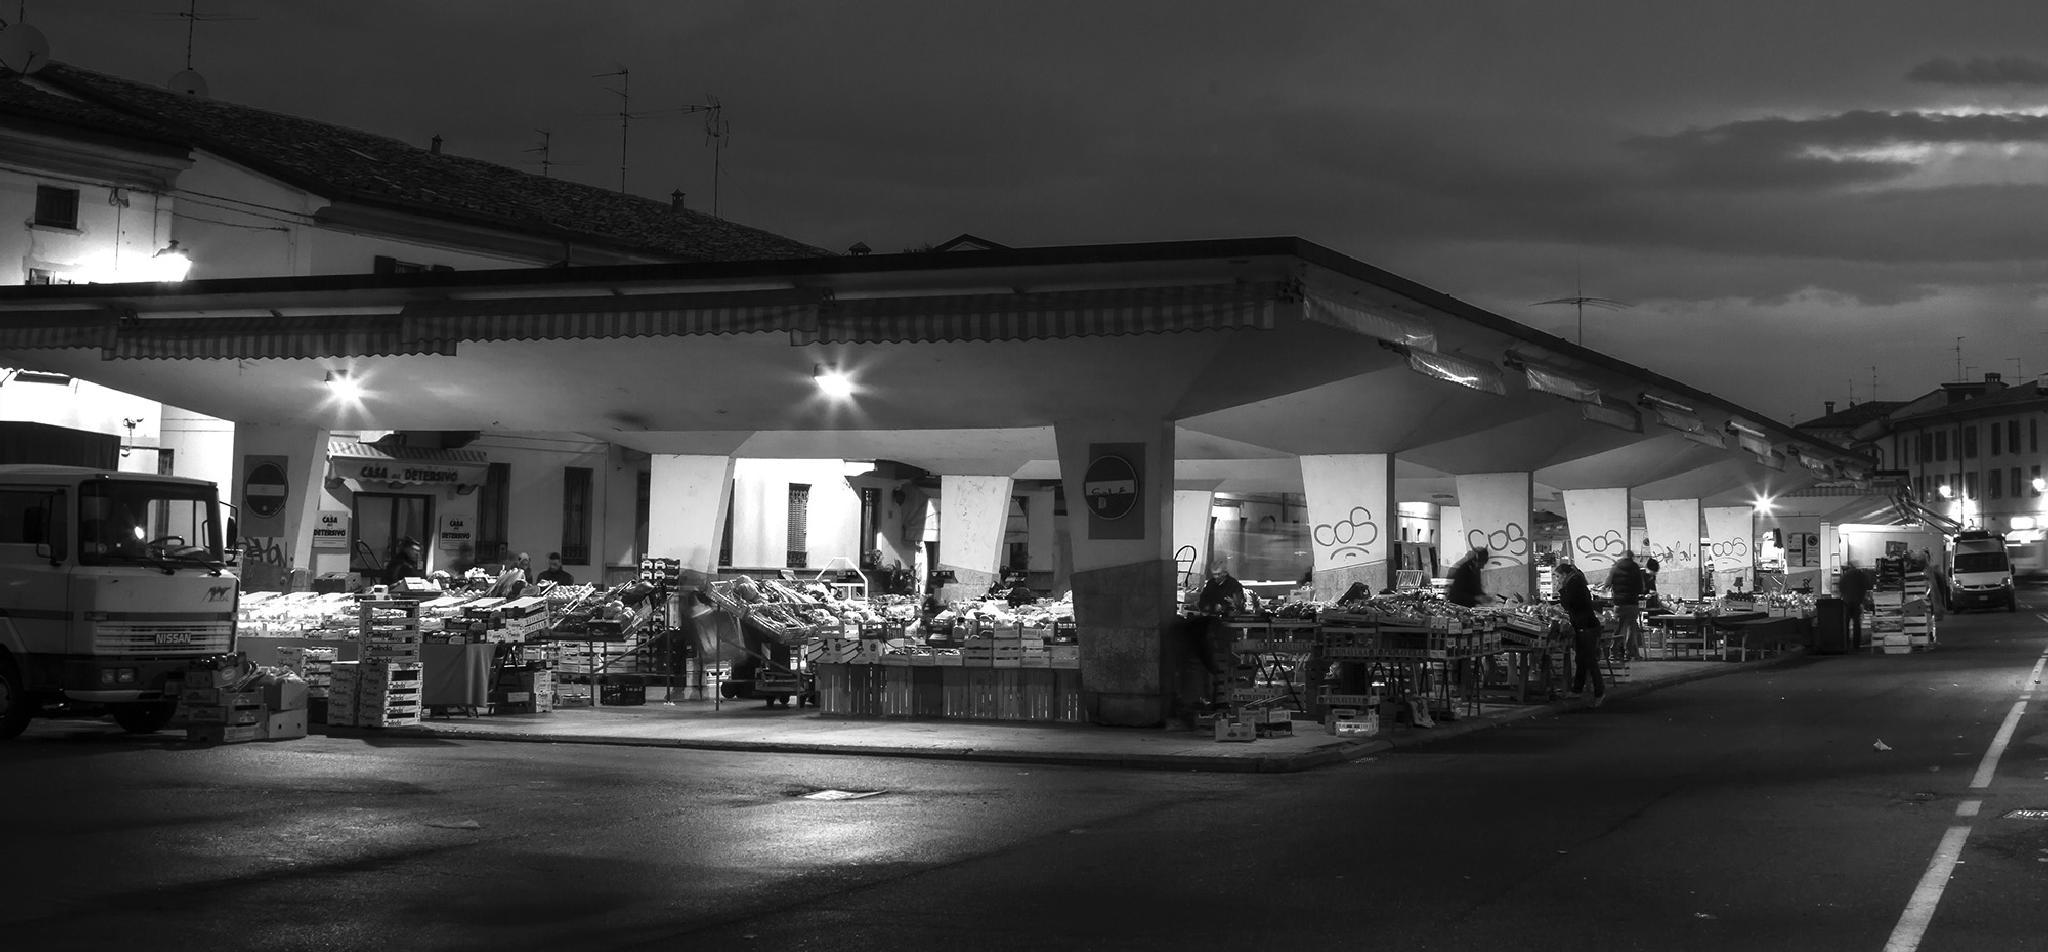 Public market in Crema by gabrielefabrizios